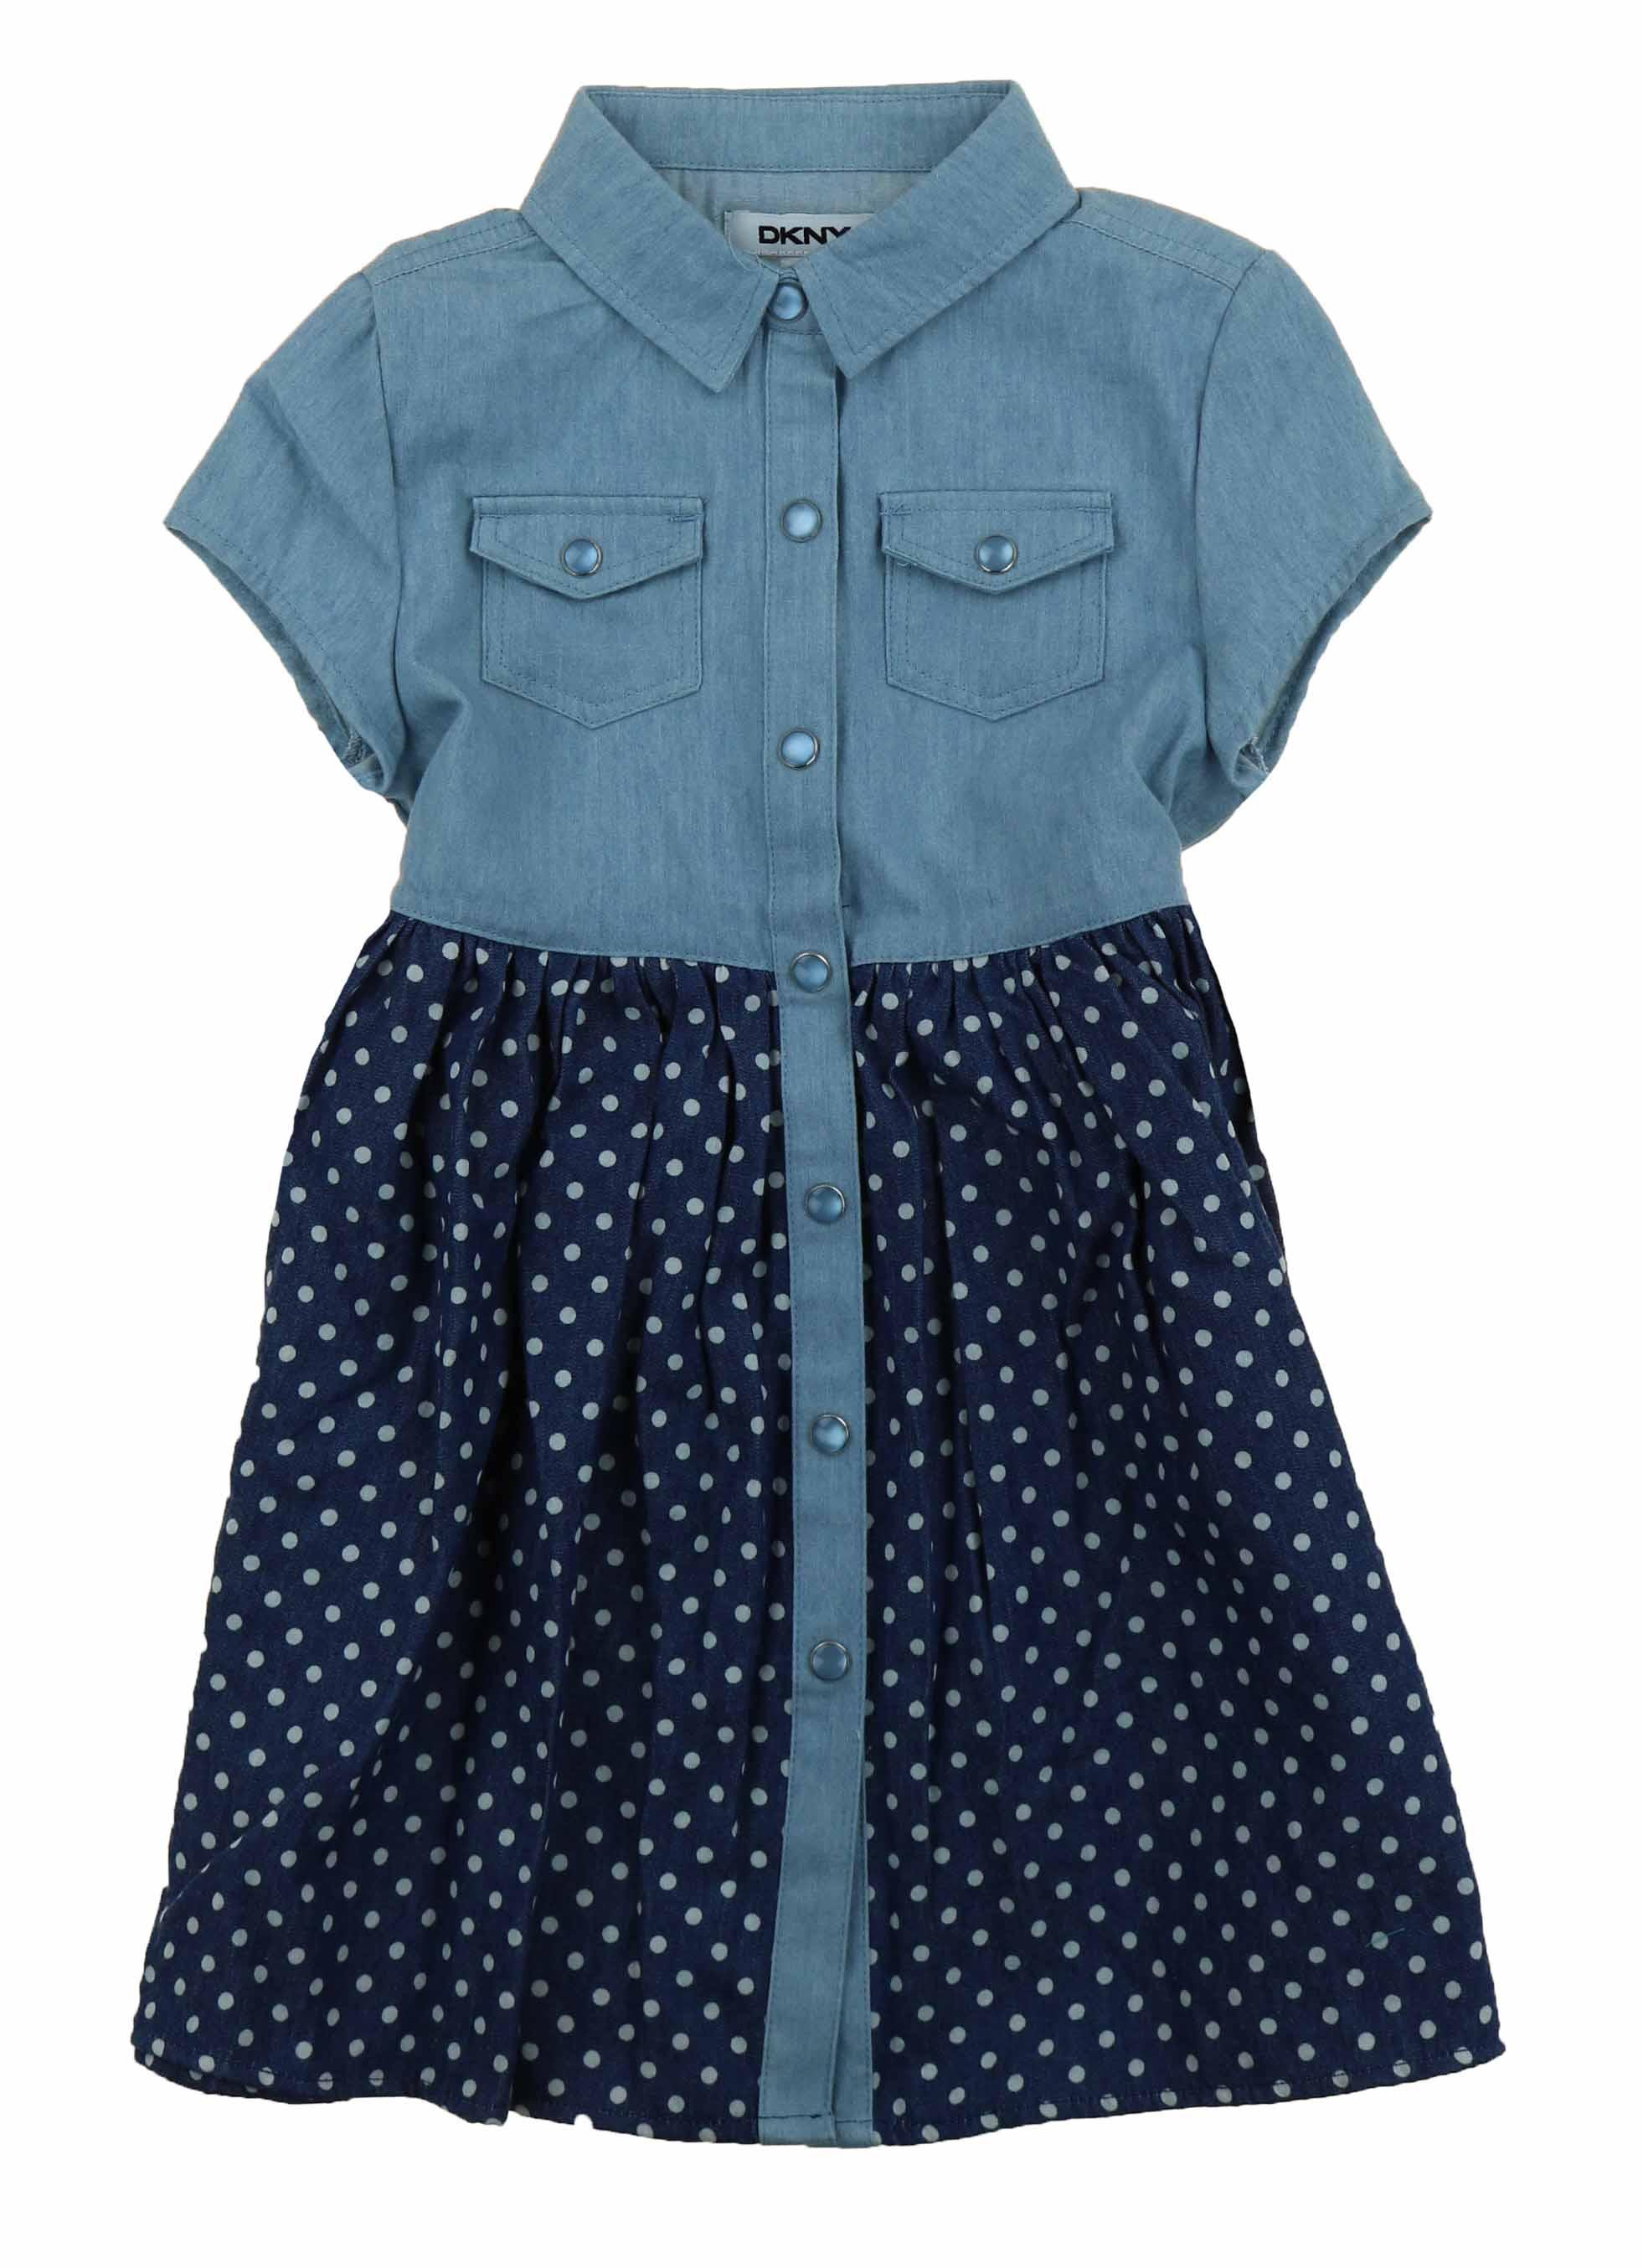 6304aadb6ab DKNY-Girls-Denim-Dress-or-Romper thumbnail 41